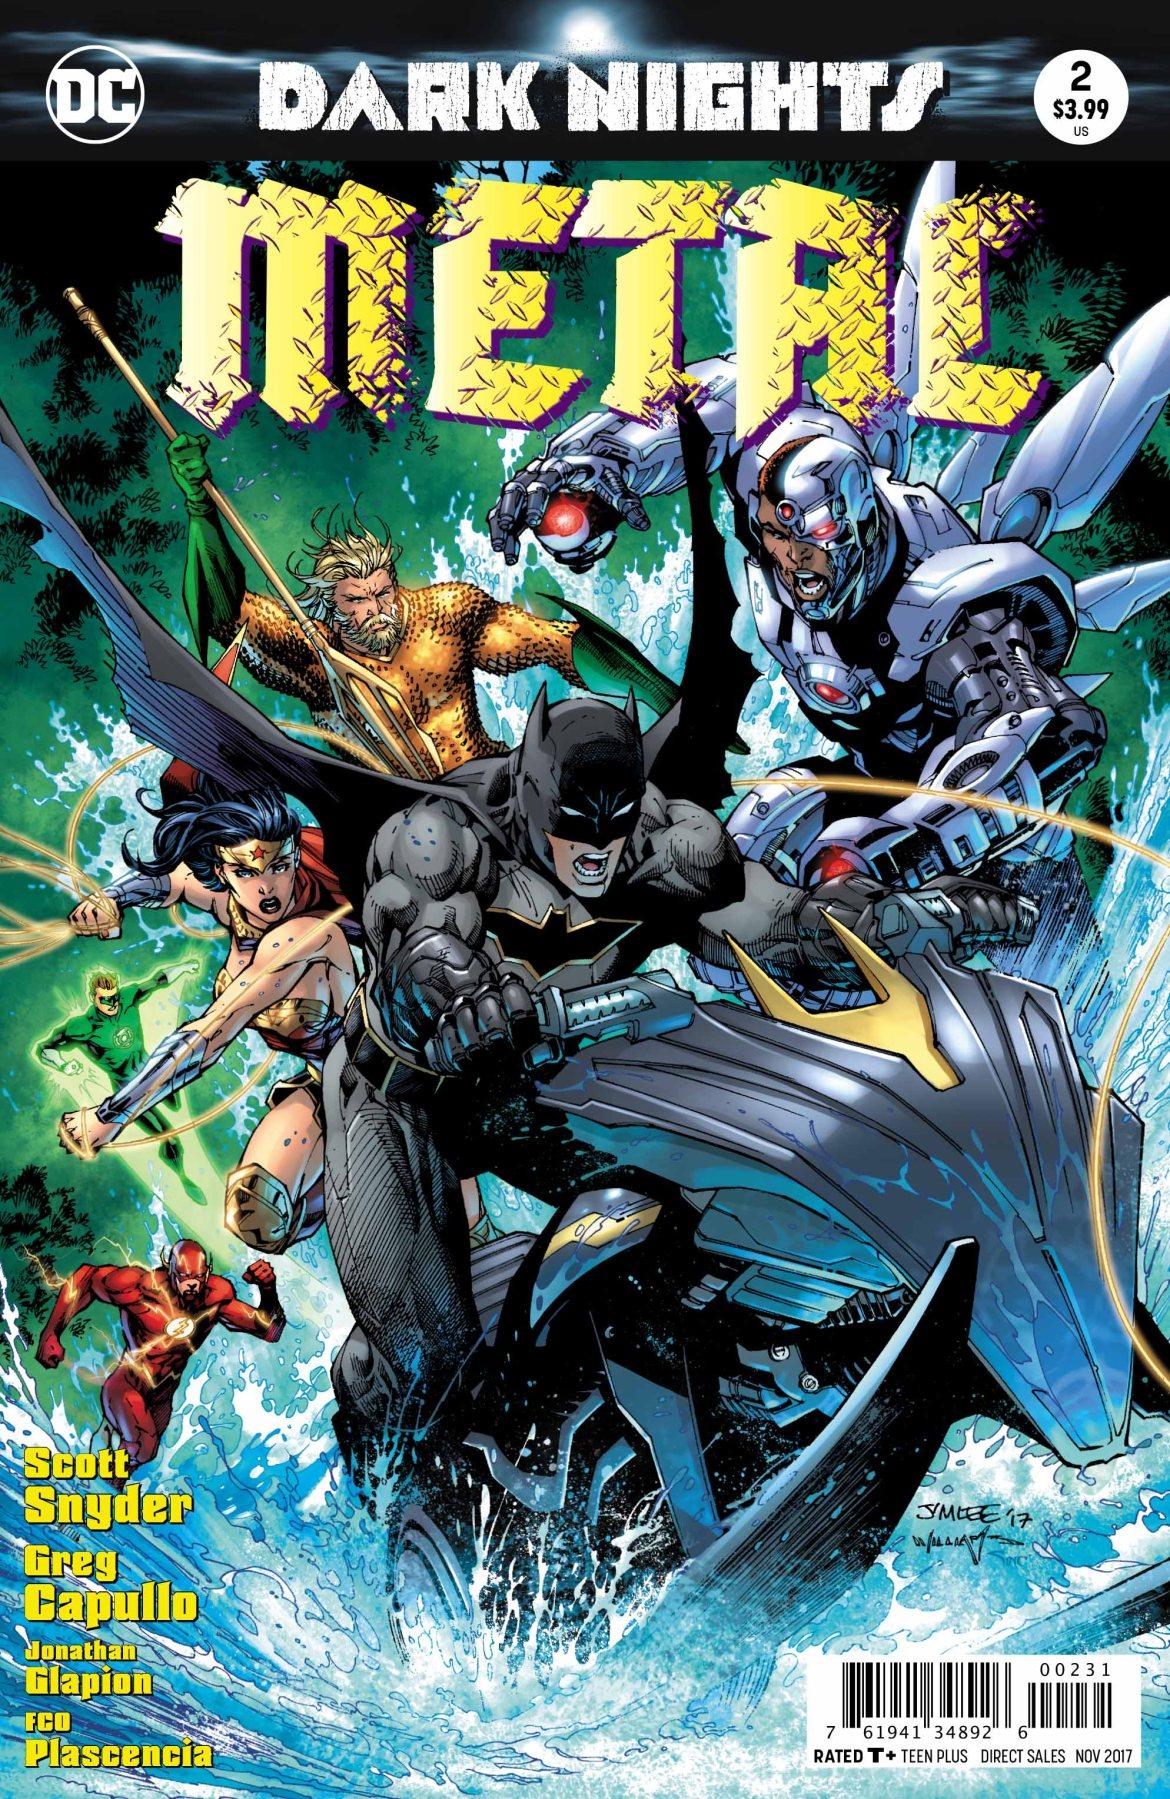 Metal Variant Cover - DC Comics News